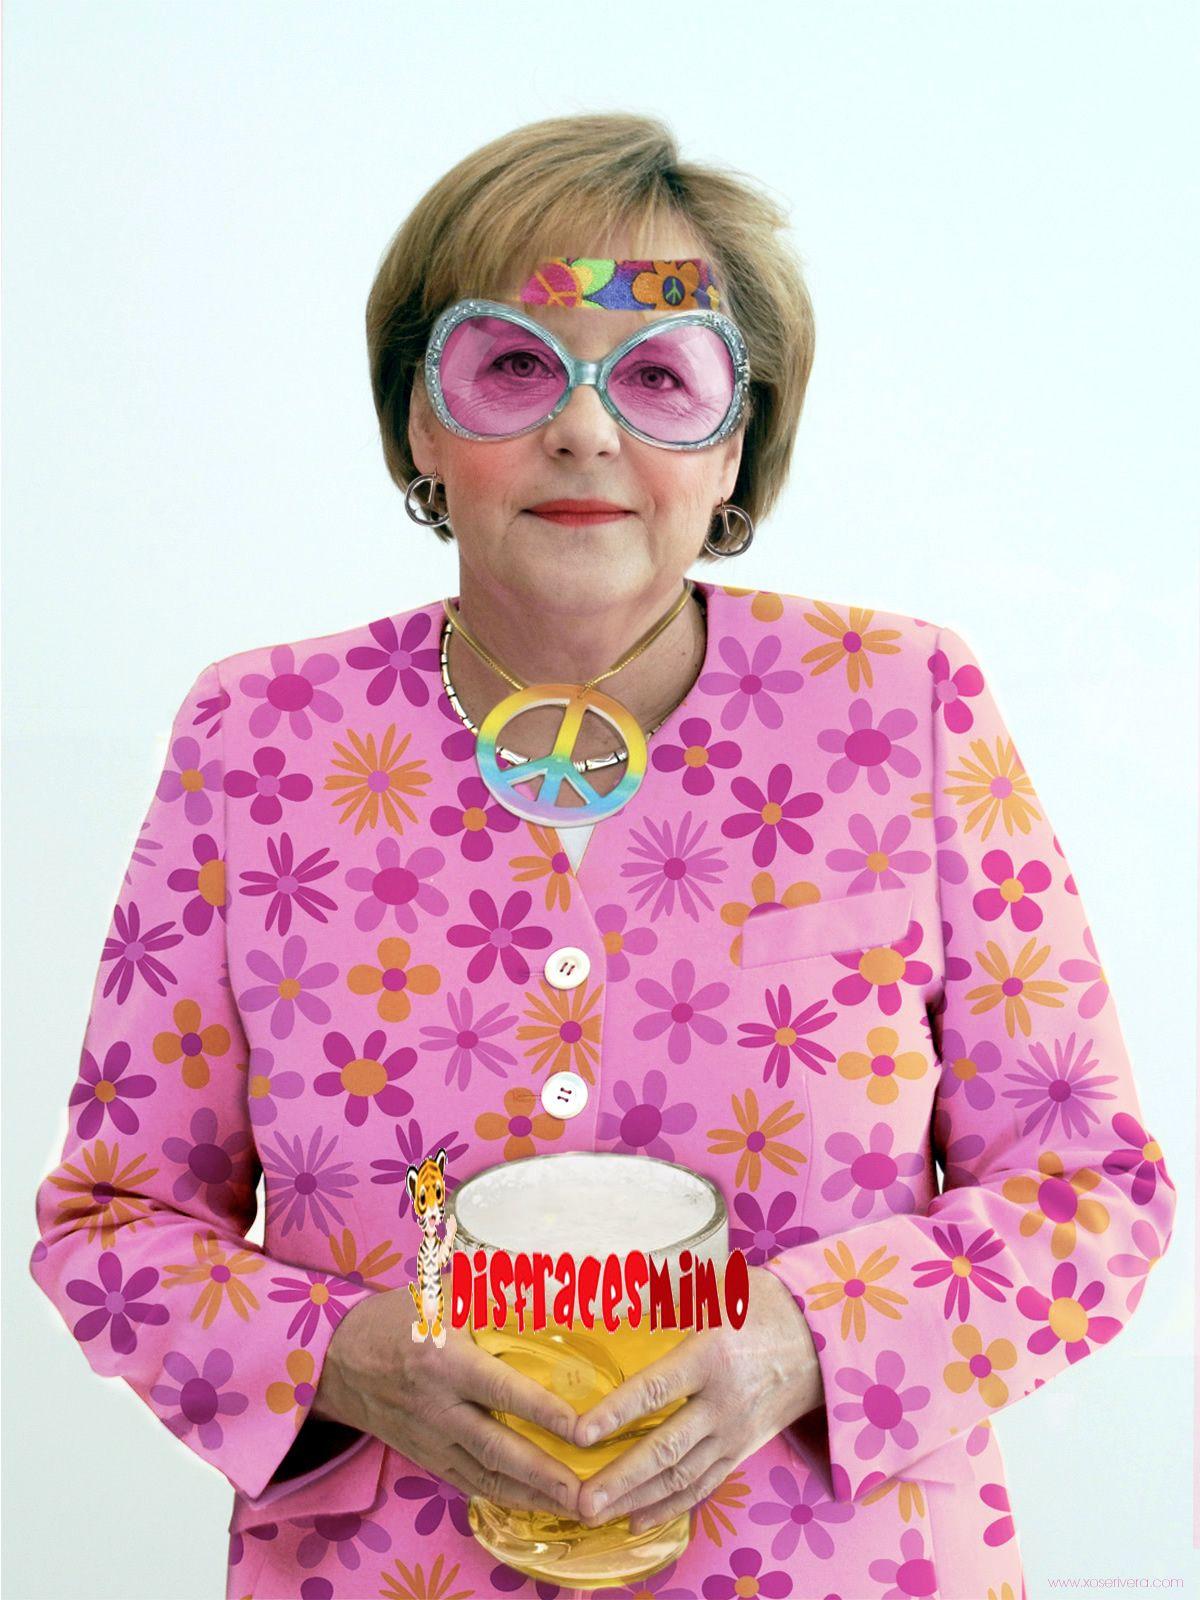 Angela merkel de hippie disfracesmimo disfraces de for Disfraces de los anos 60